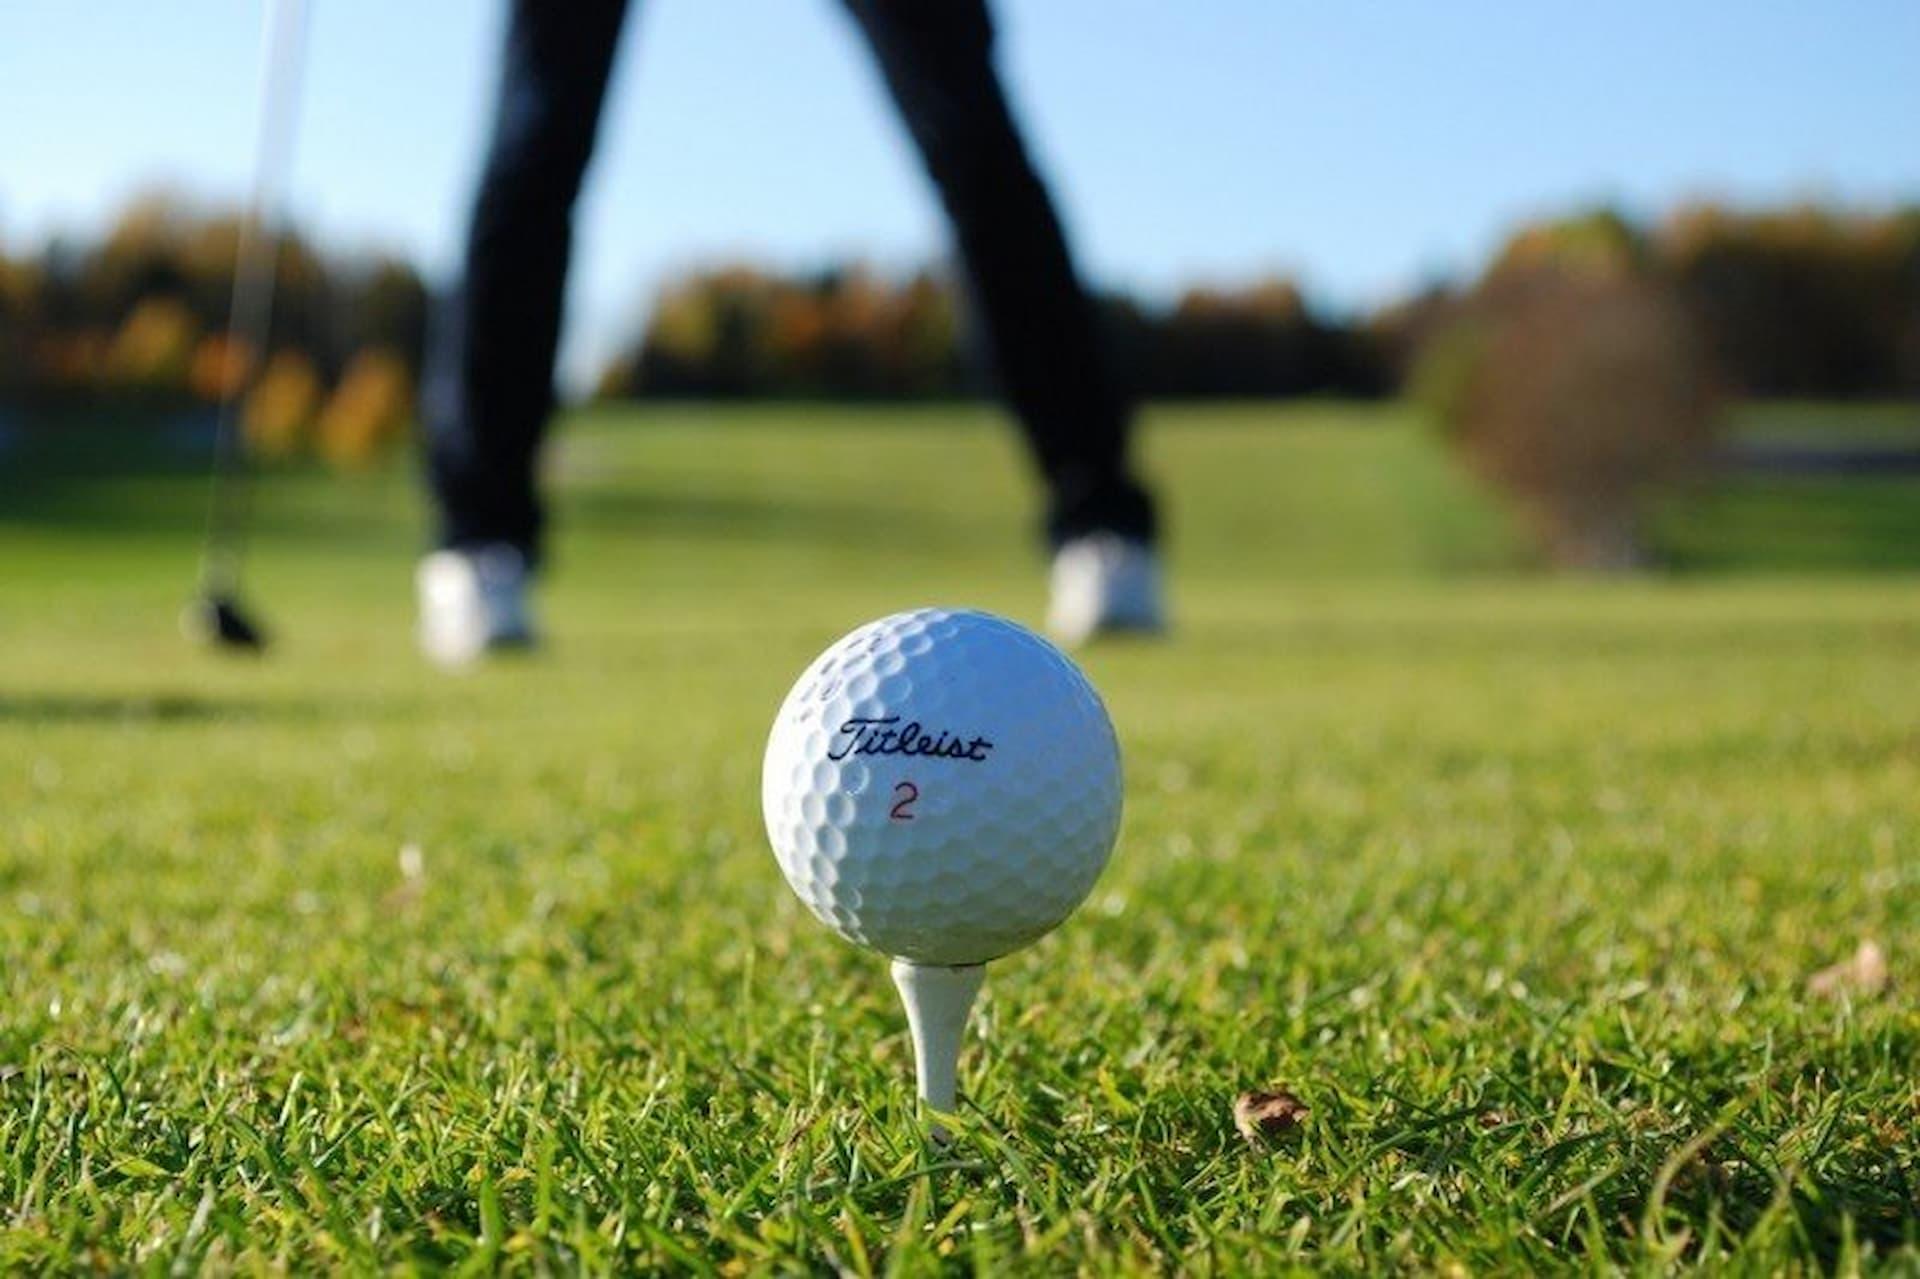 imagem ampliada de bola de golfe em gramado